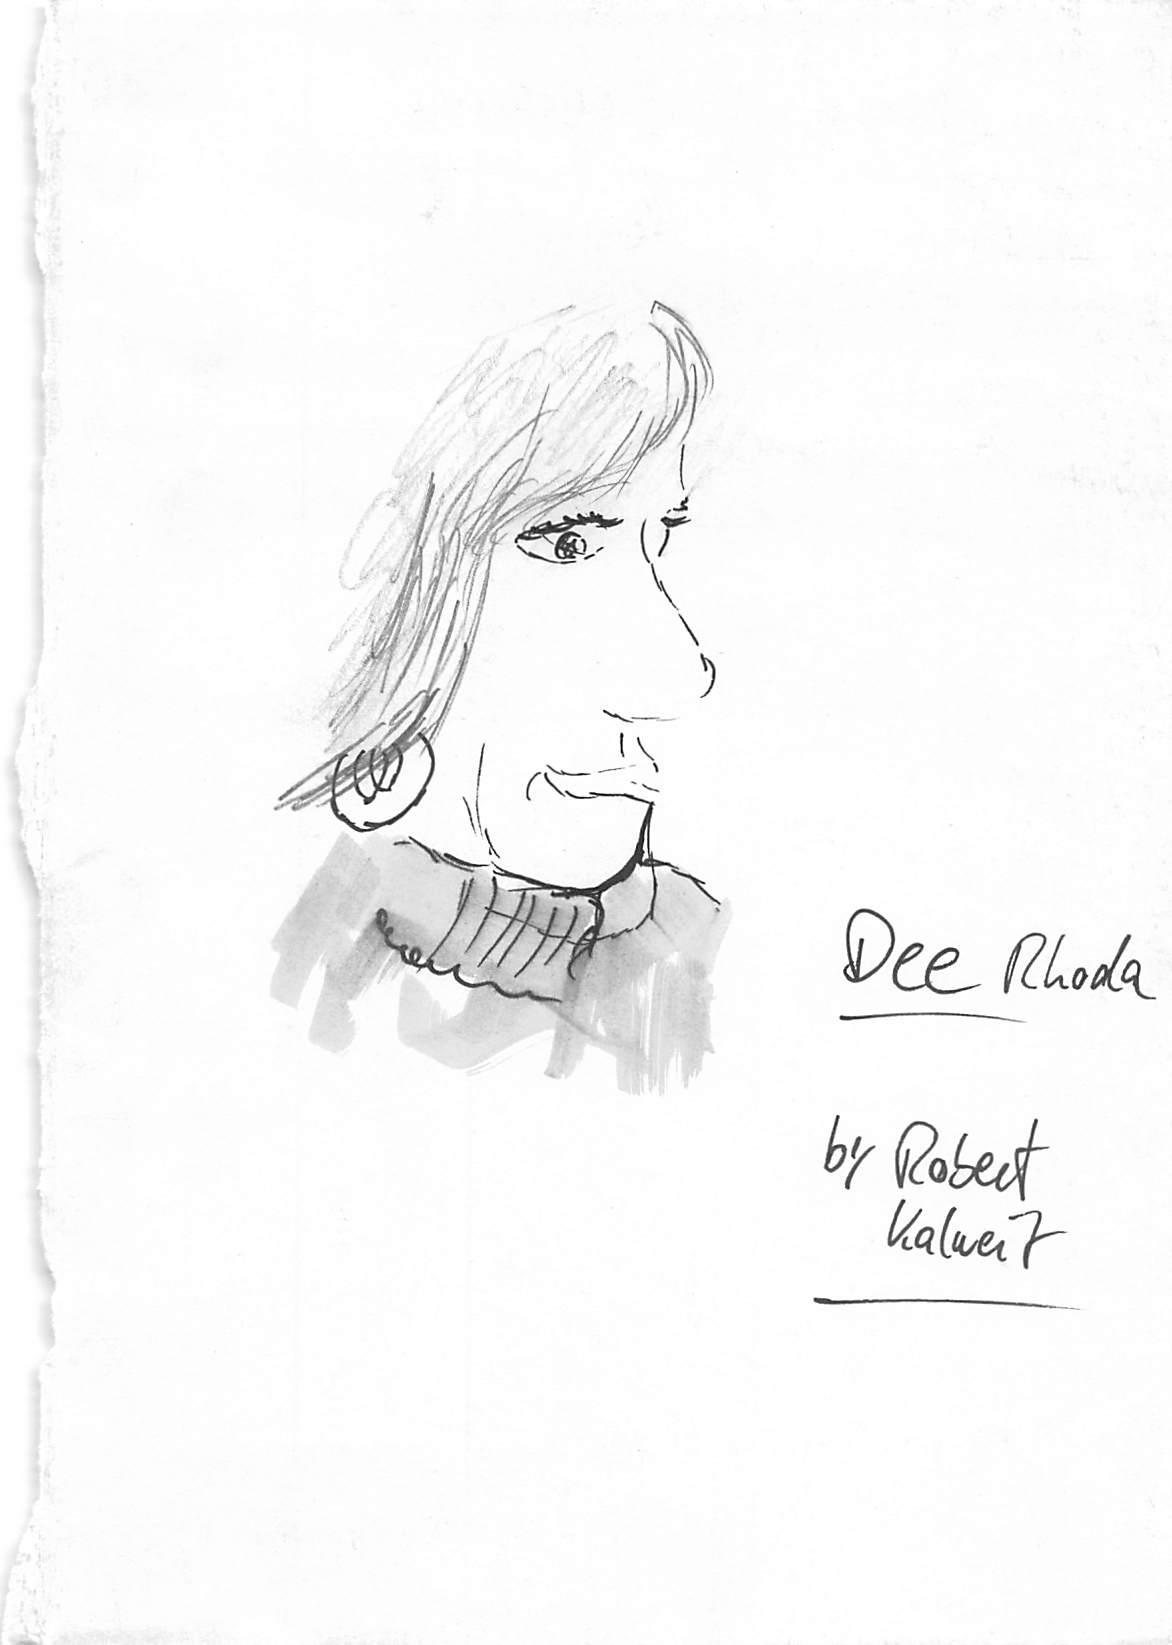 Dee Rhoda by Robert Kalweit